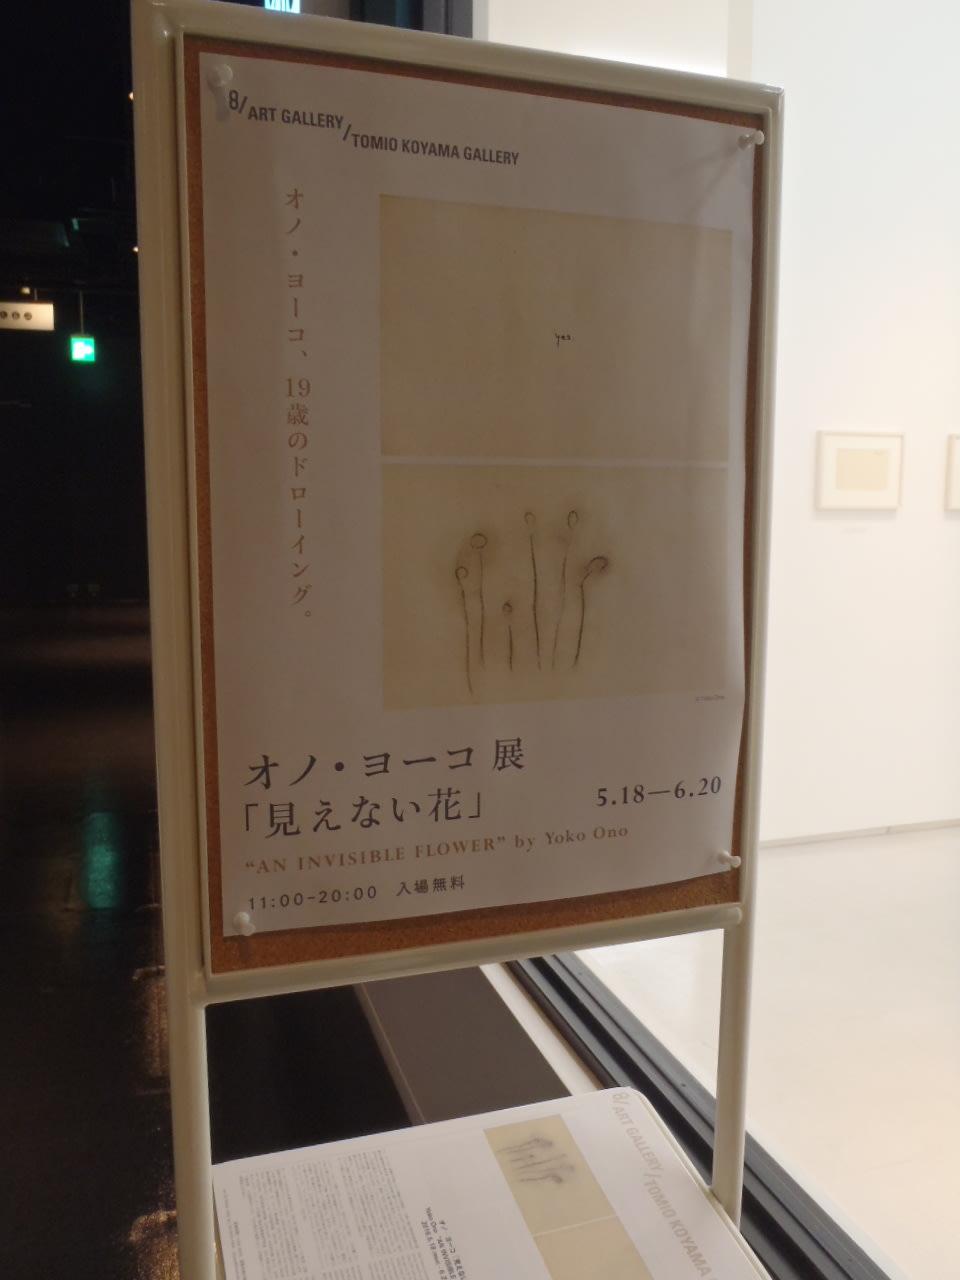 オノ・ヨーコの画像 p1_25